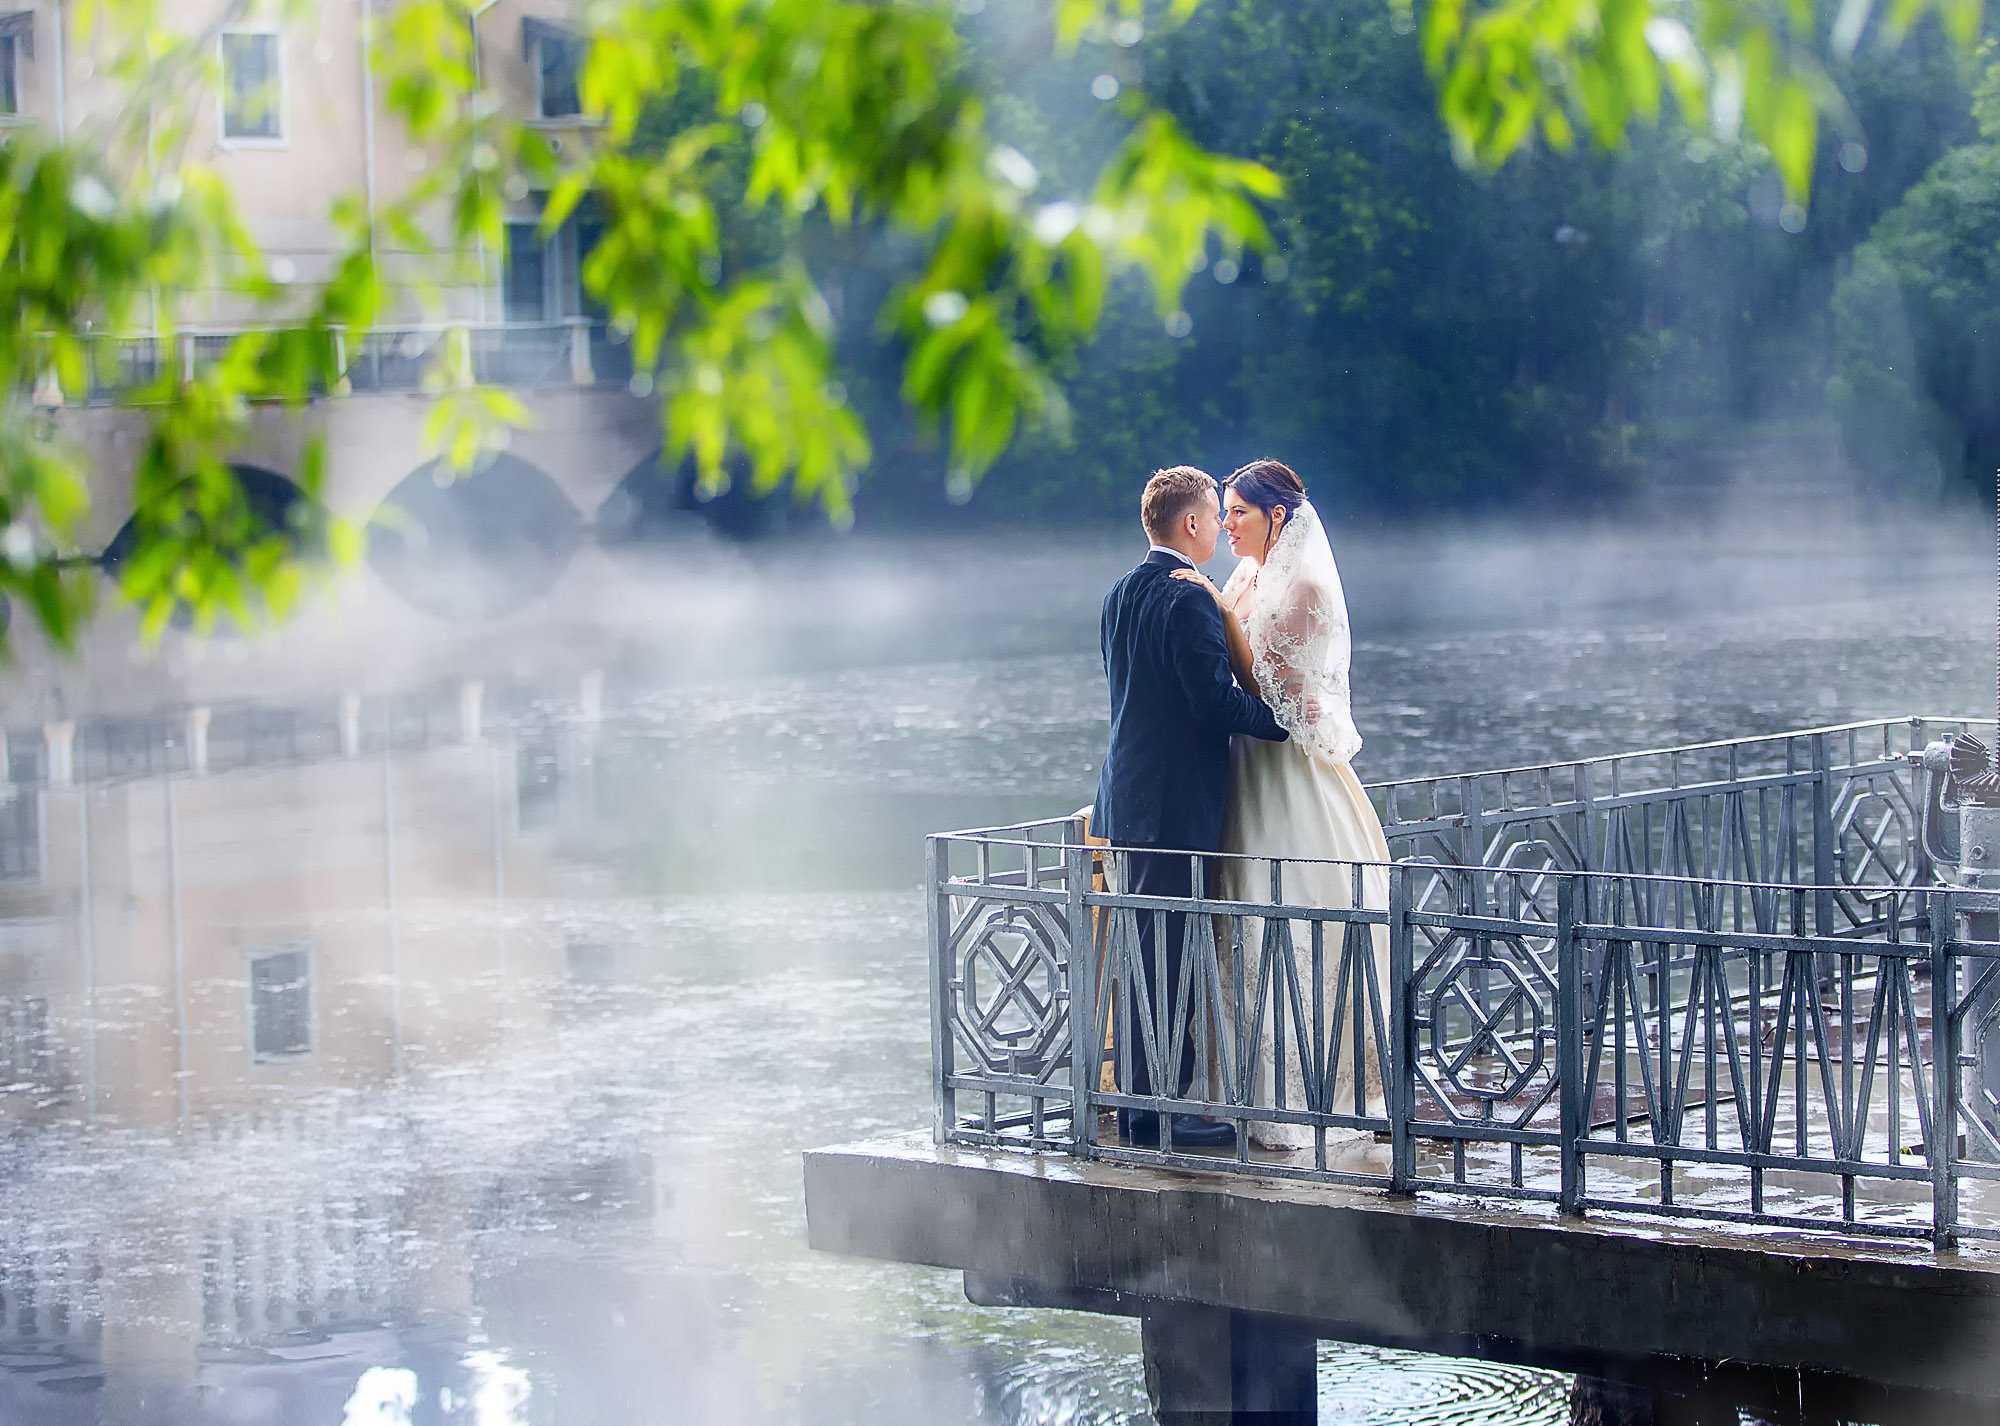 21 вопрос, которые надо задать свадебному фотографу